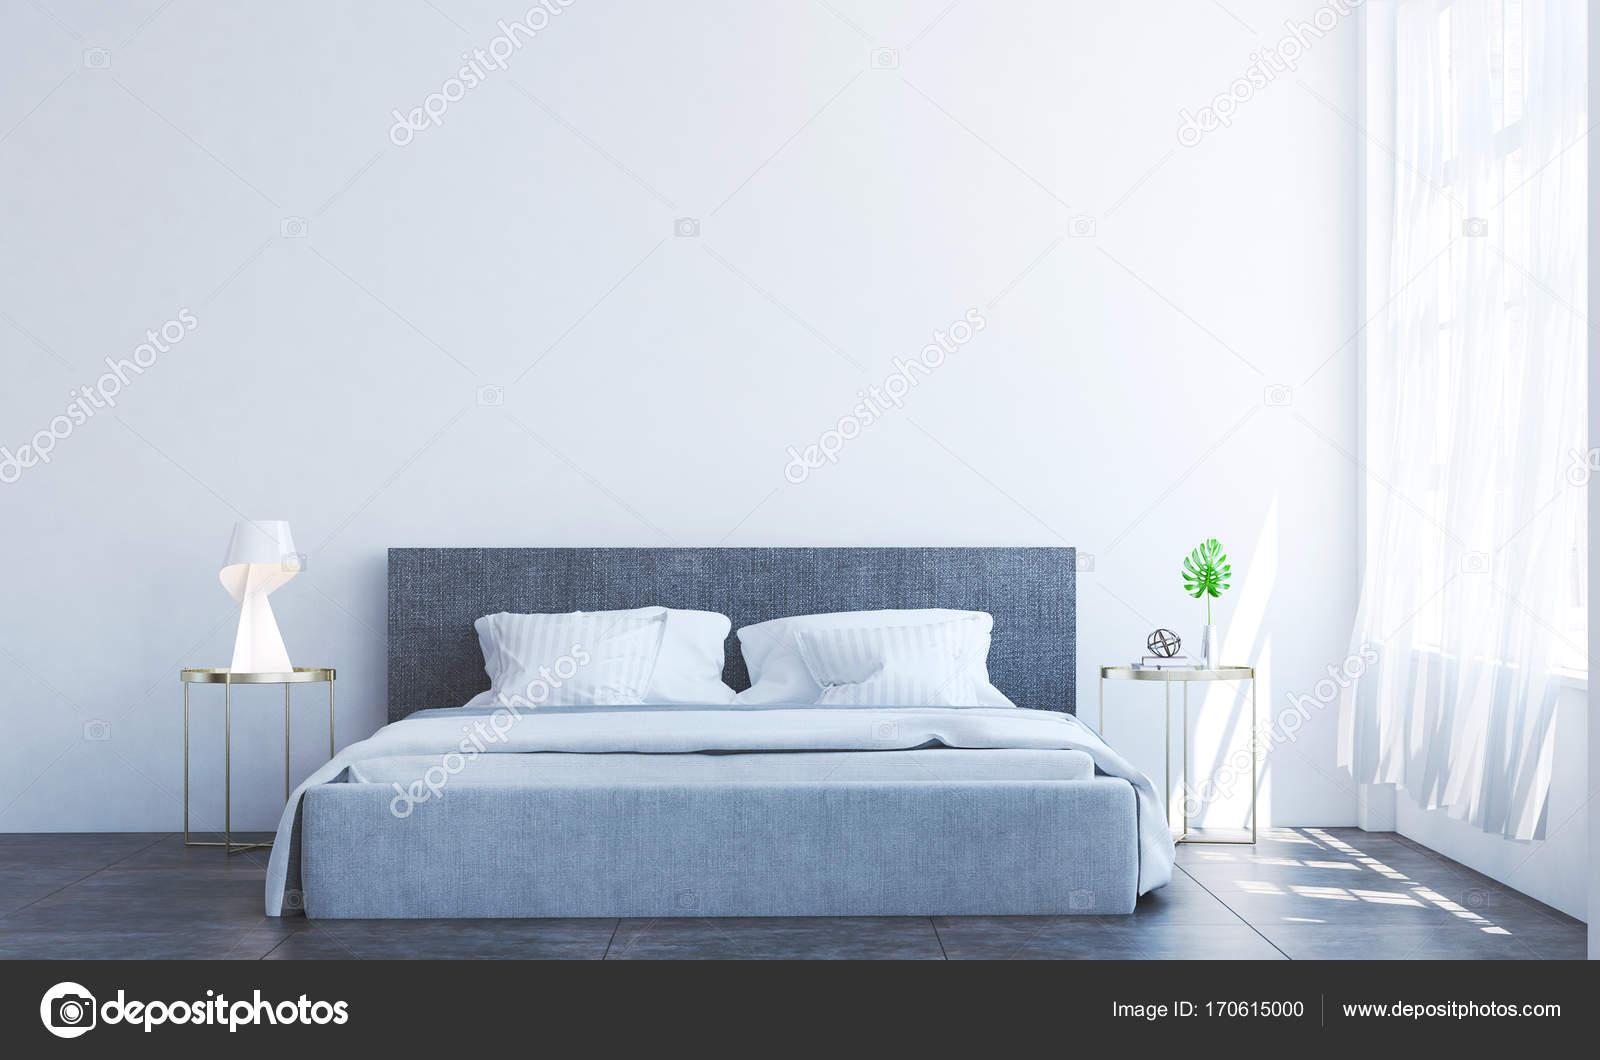 Het interieur design idee van luxe slaapkamer en witte textuur